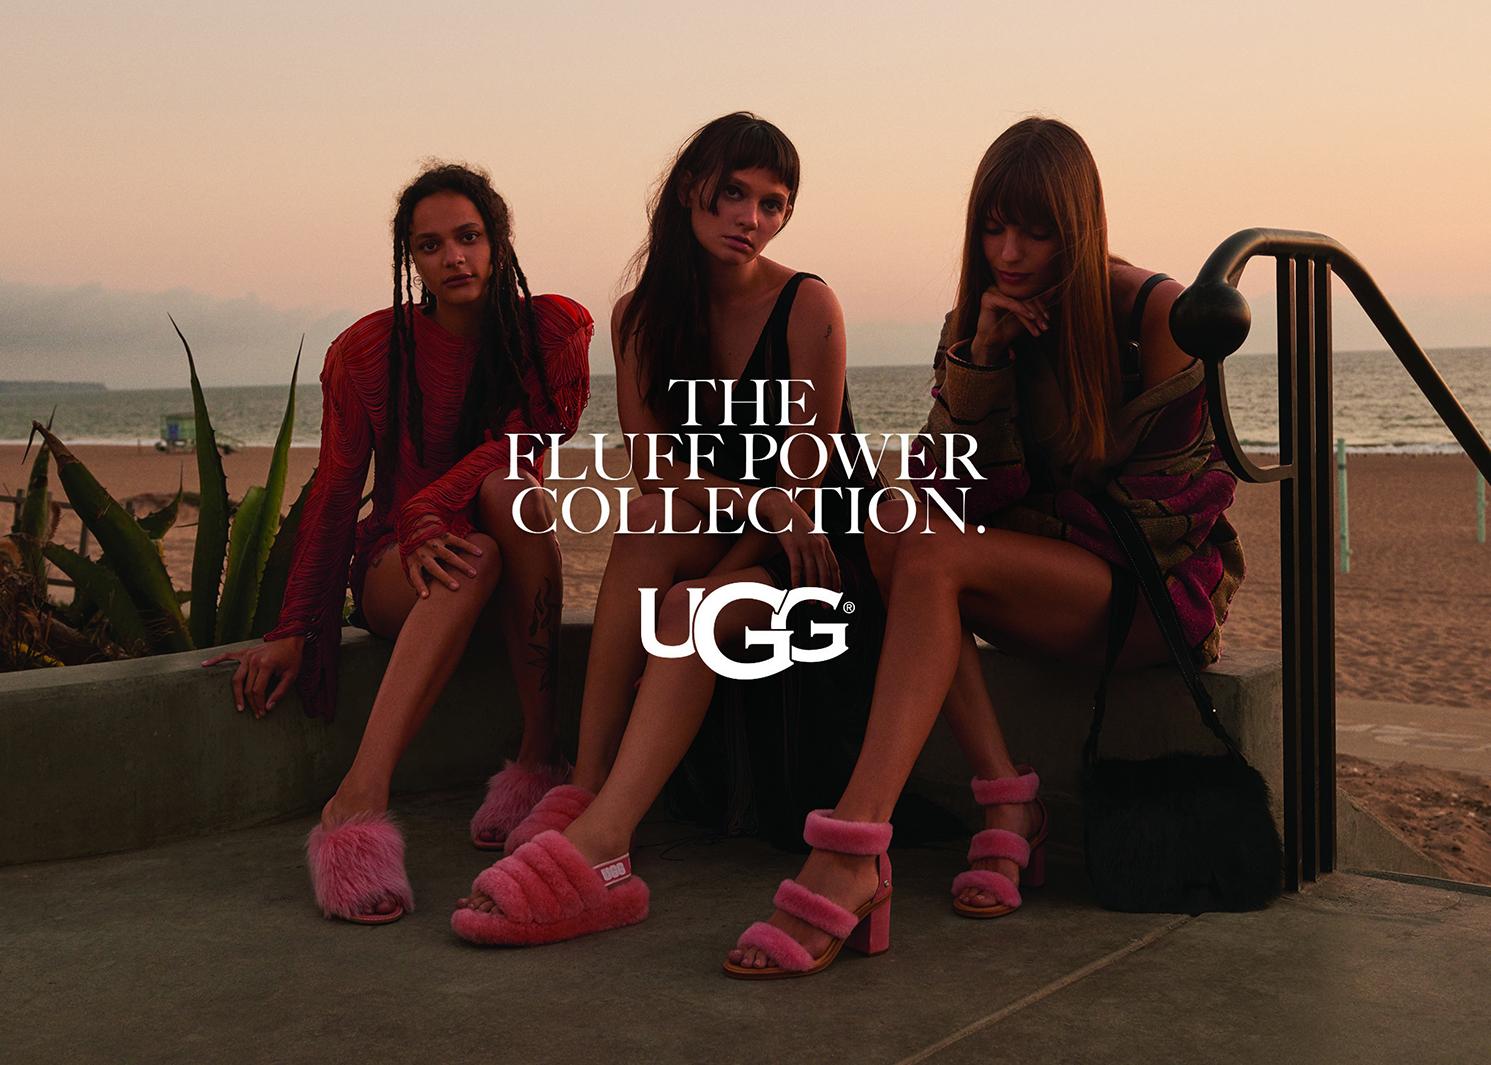 「UGG」フラッフ パワーコレクション(提供写真)